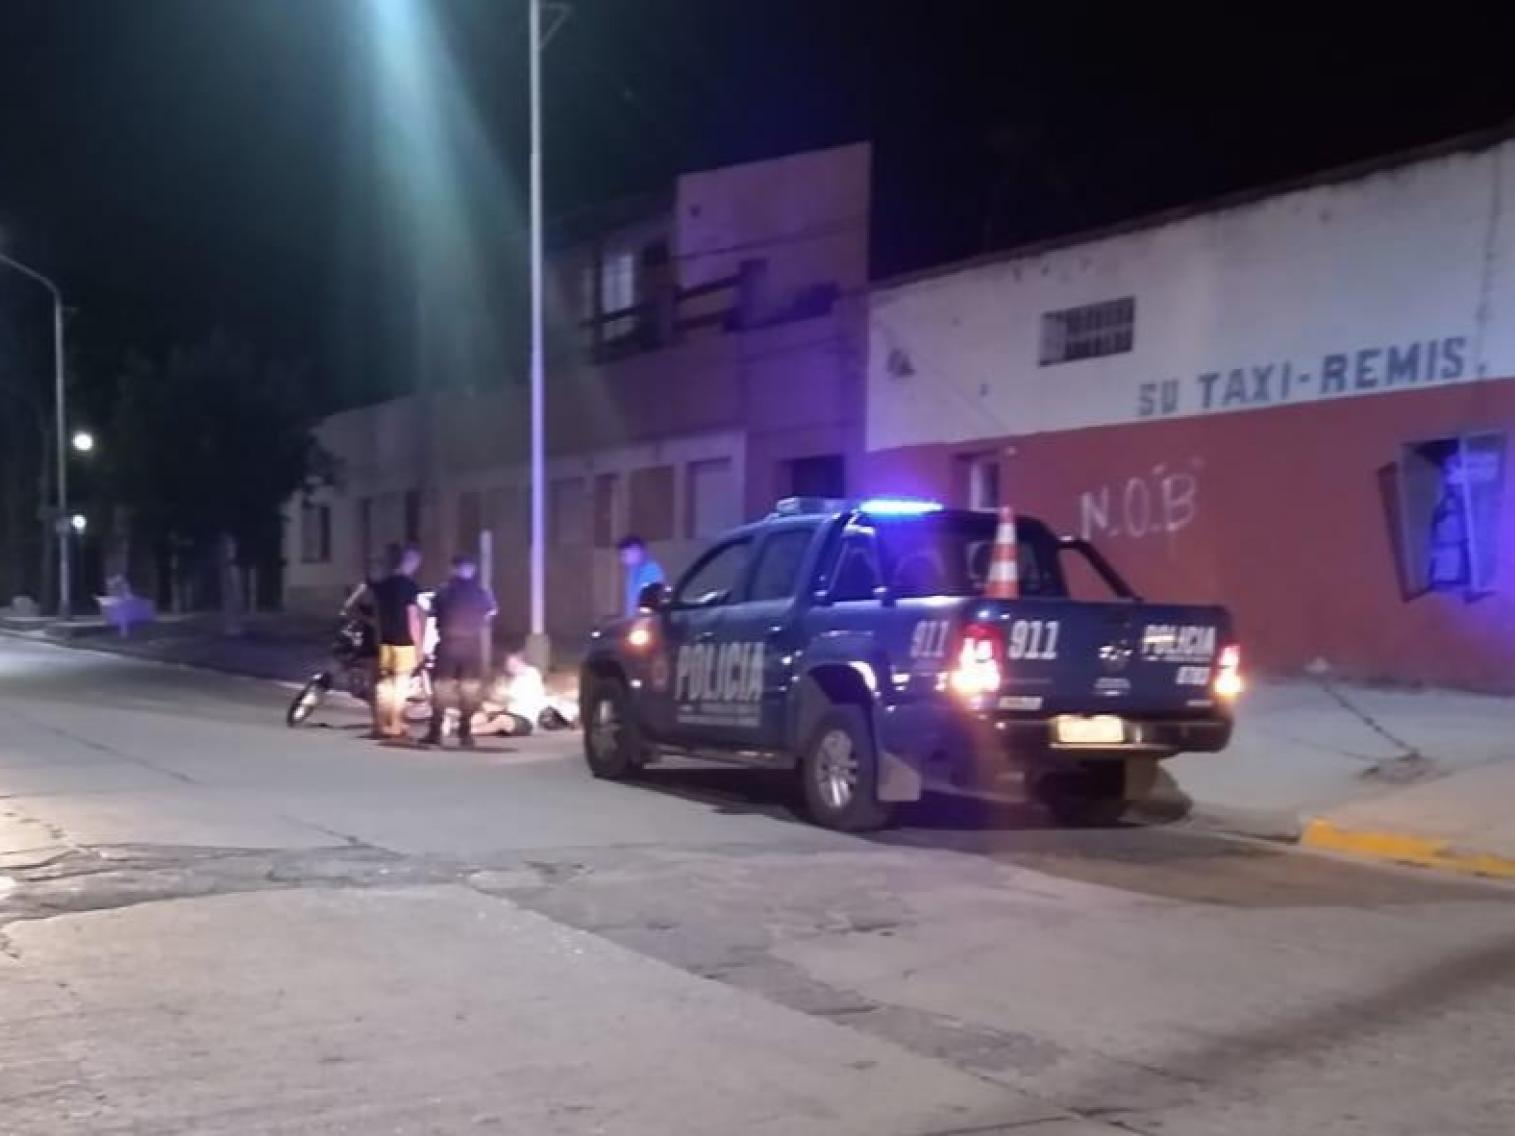 Bermúdez: Delivery chocó con un auto y terminó con heridas leves